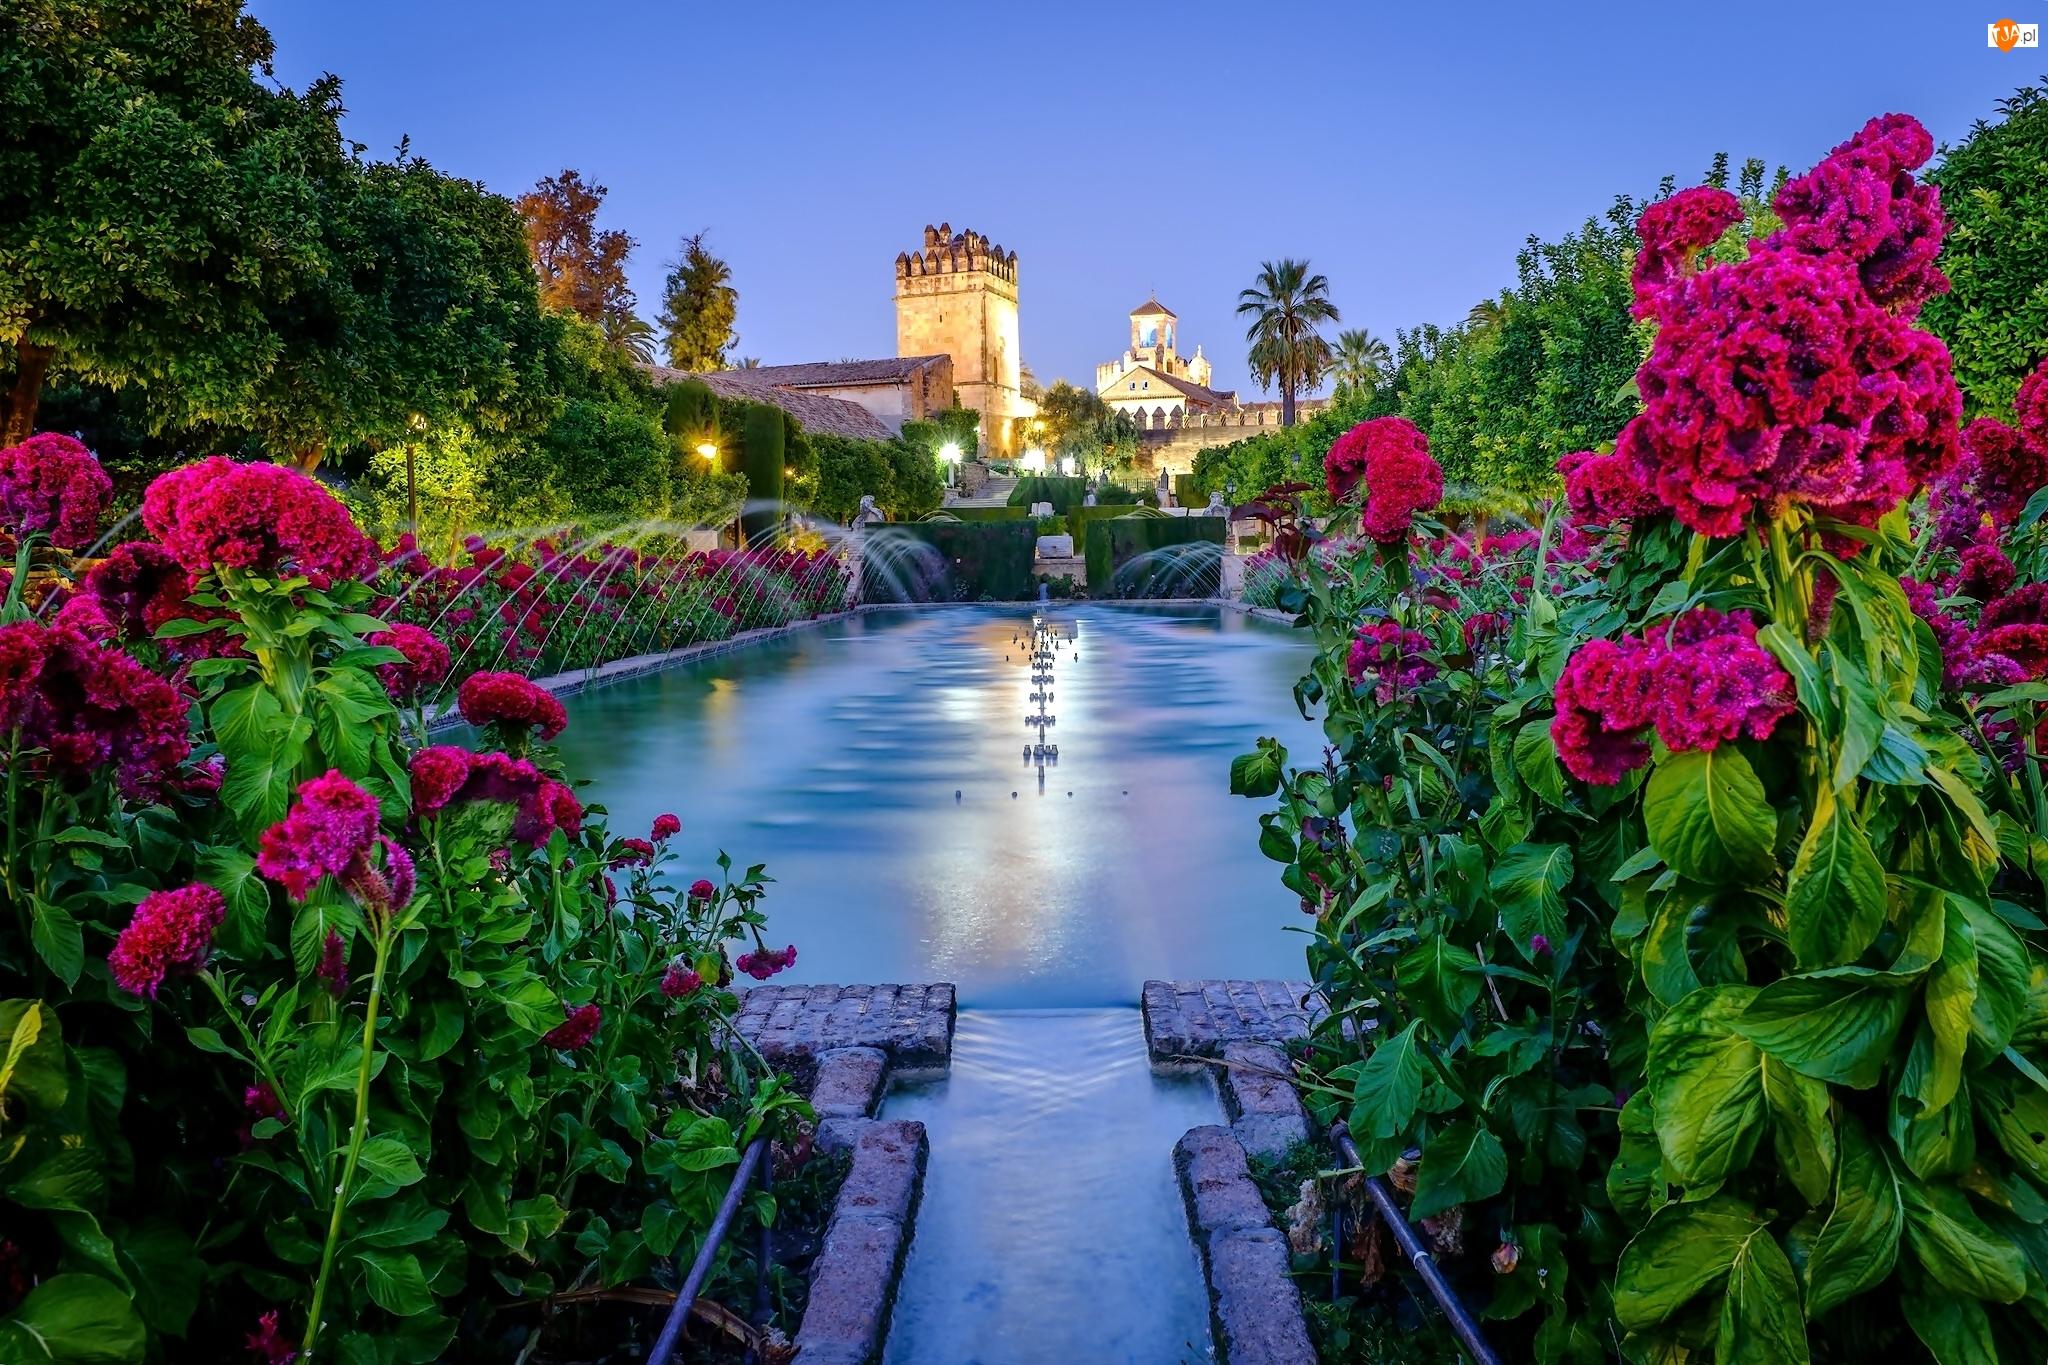 Kwiaty, Zamek, Fontanna